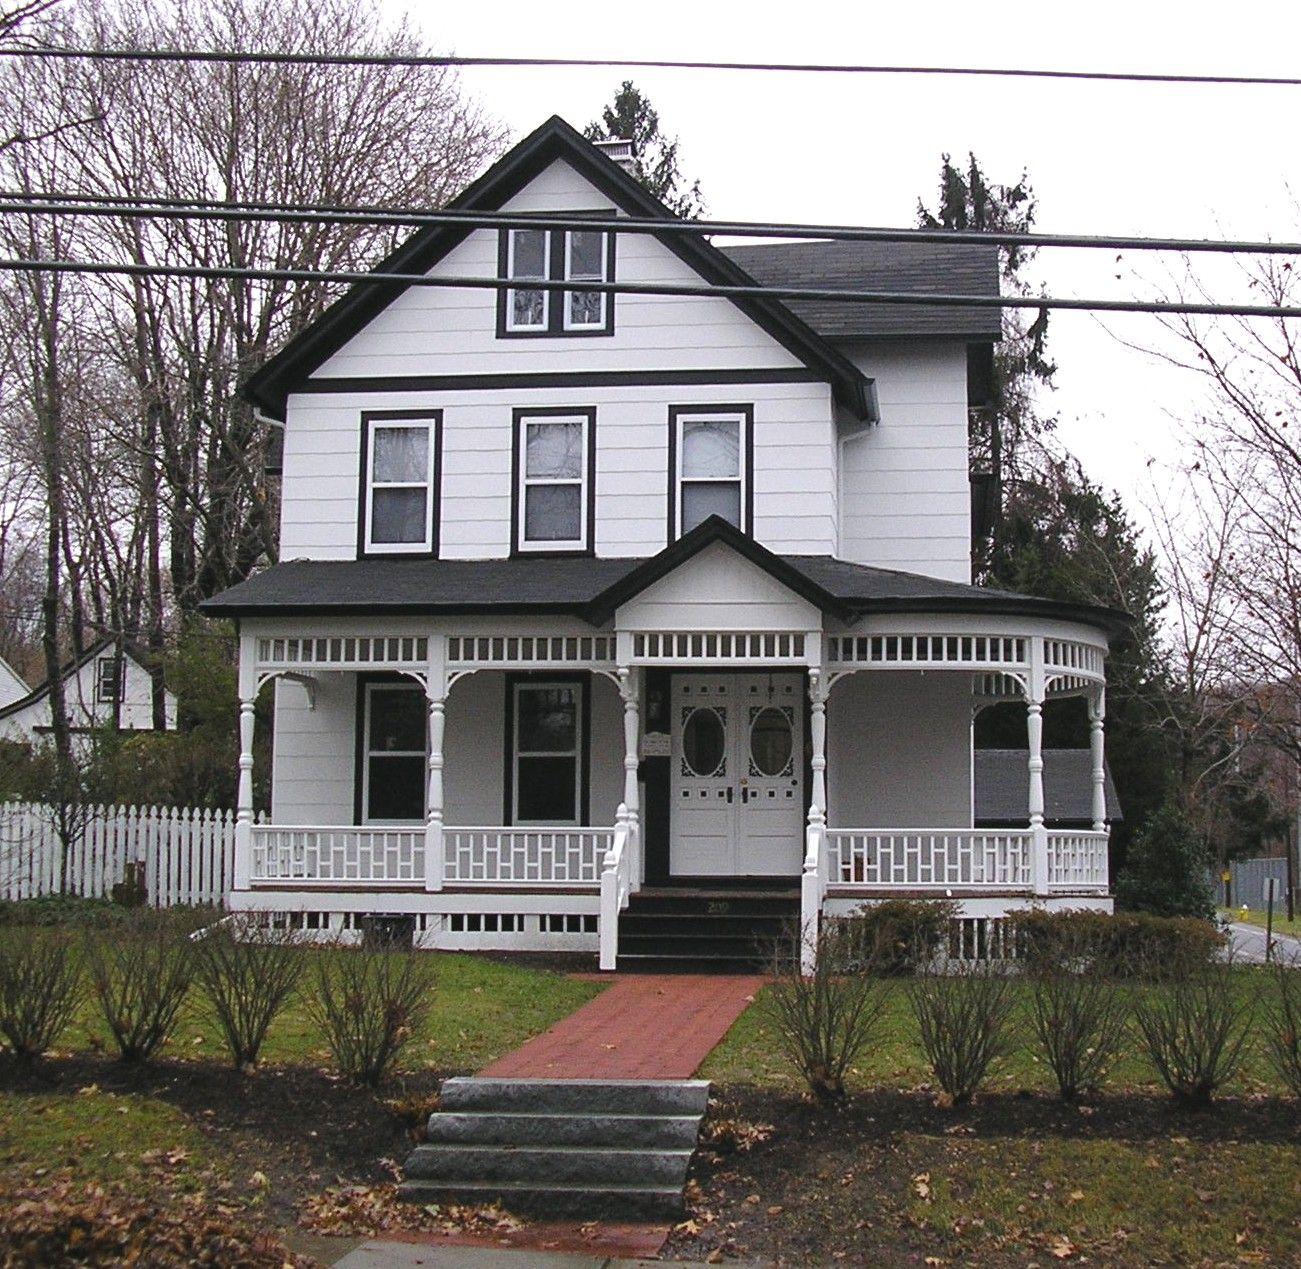 Acf field city post id location profile portfolio in - Black house white trim ...